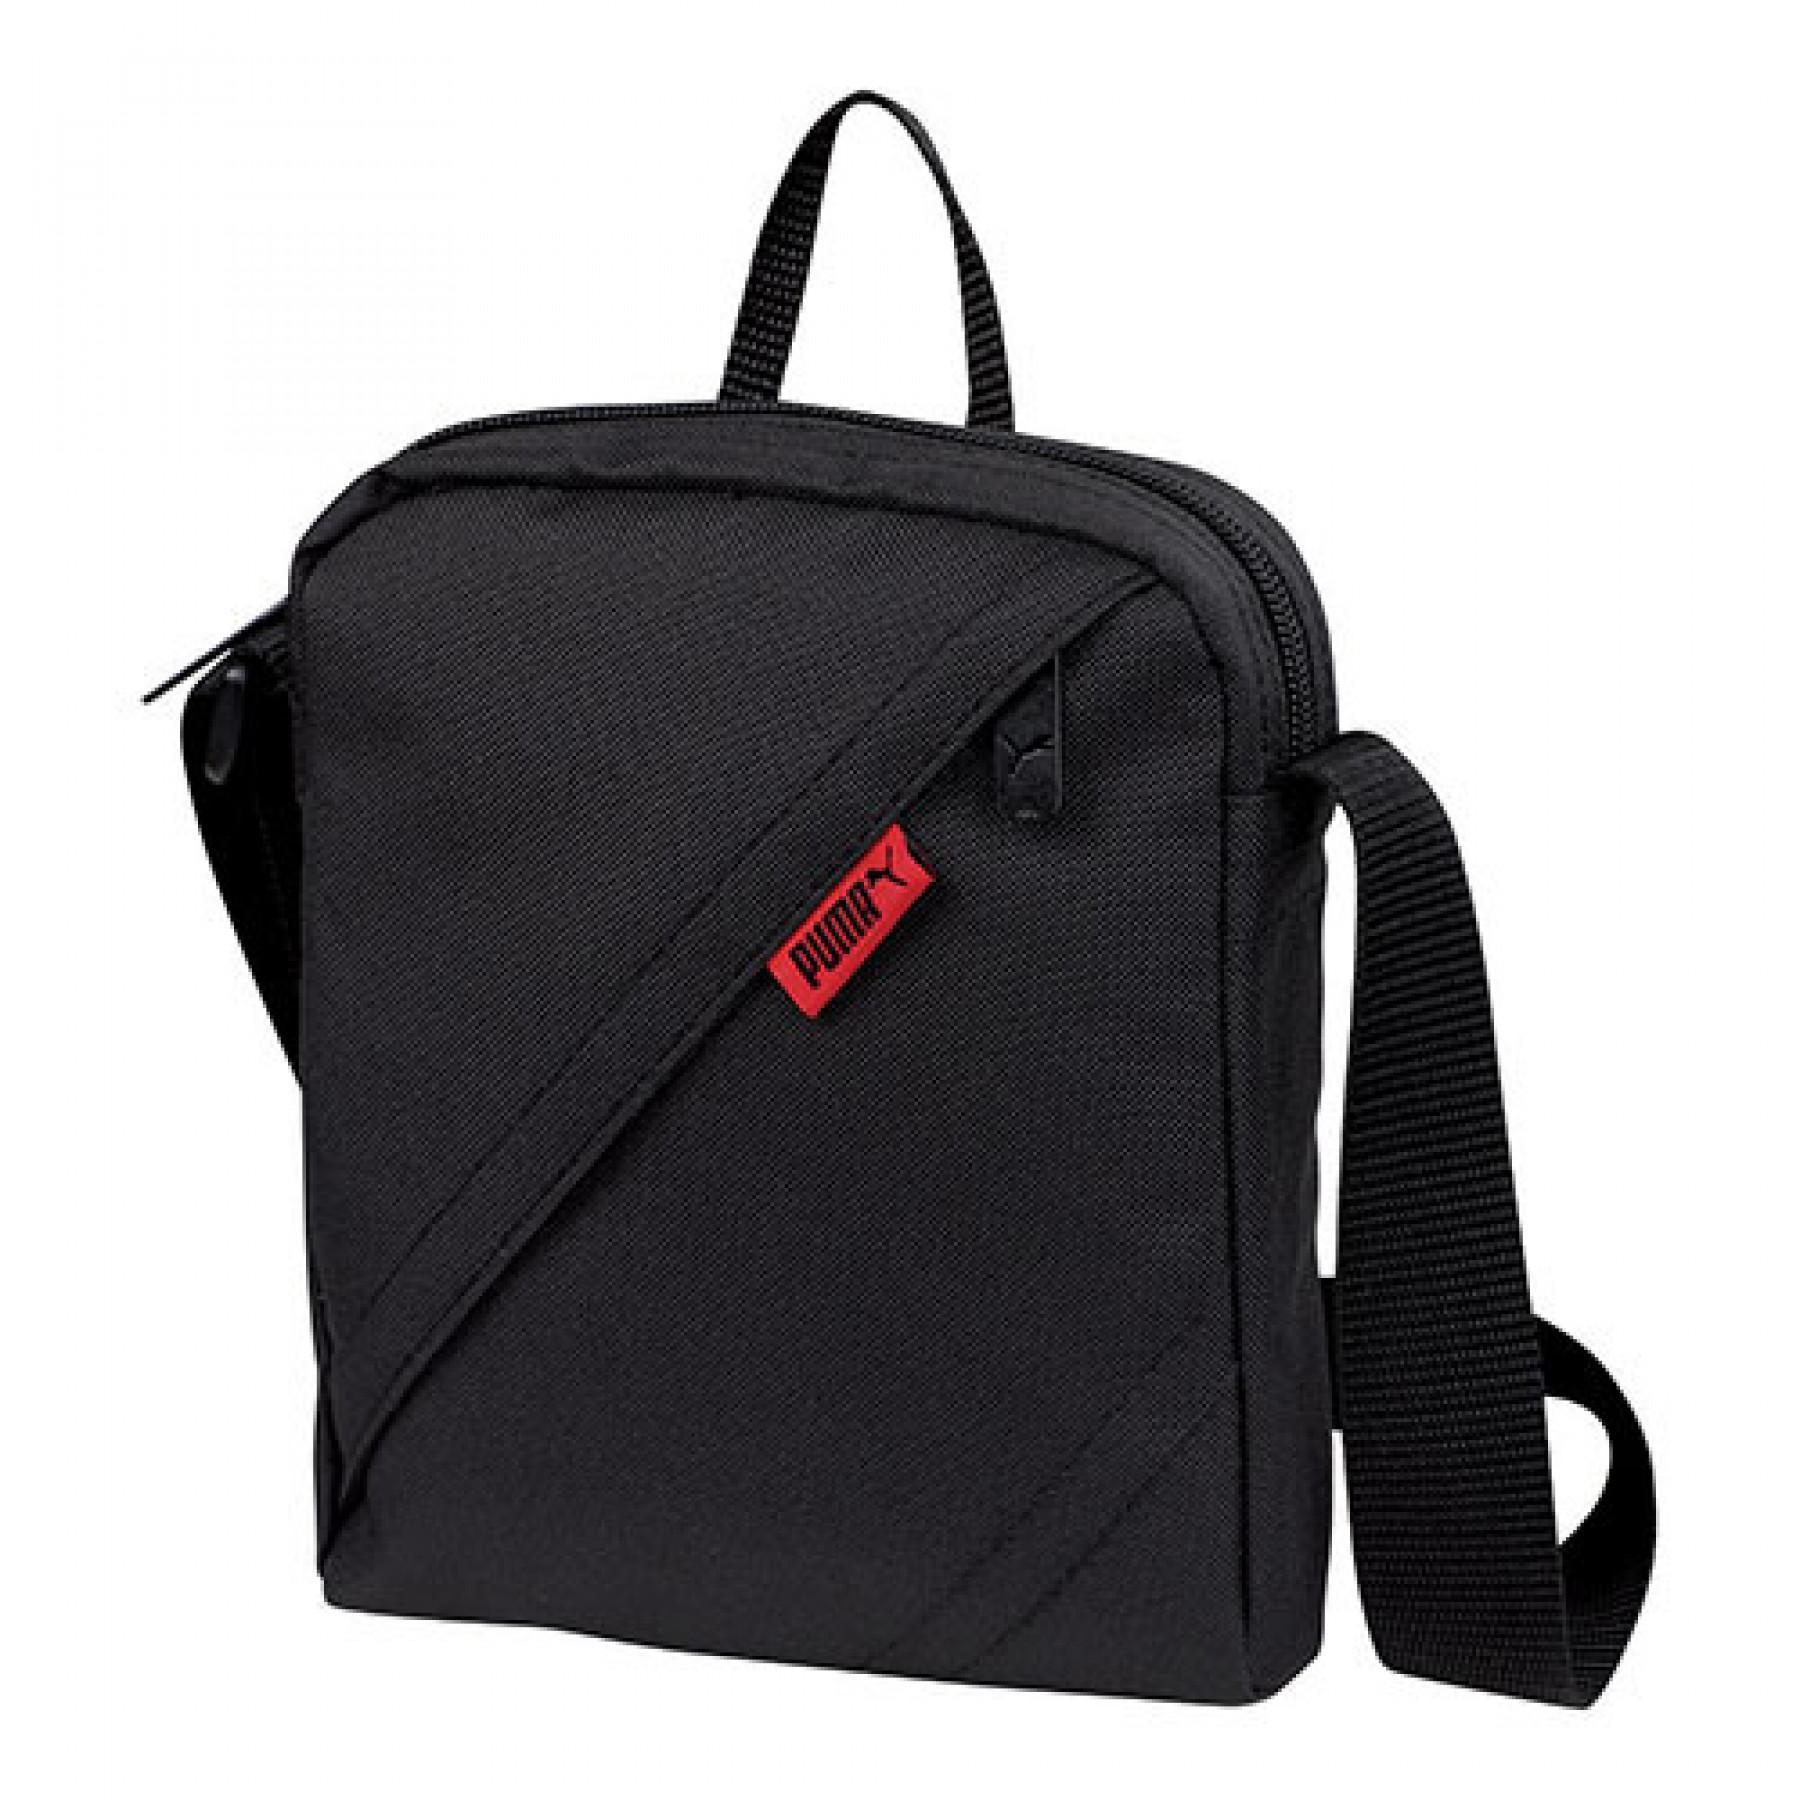 Bag Puma city